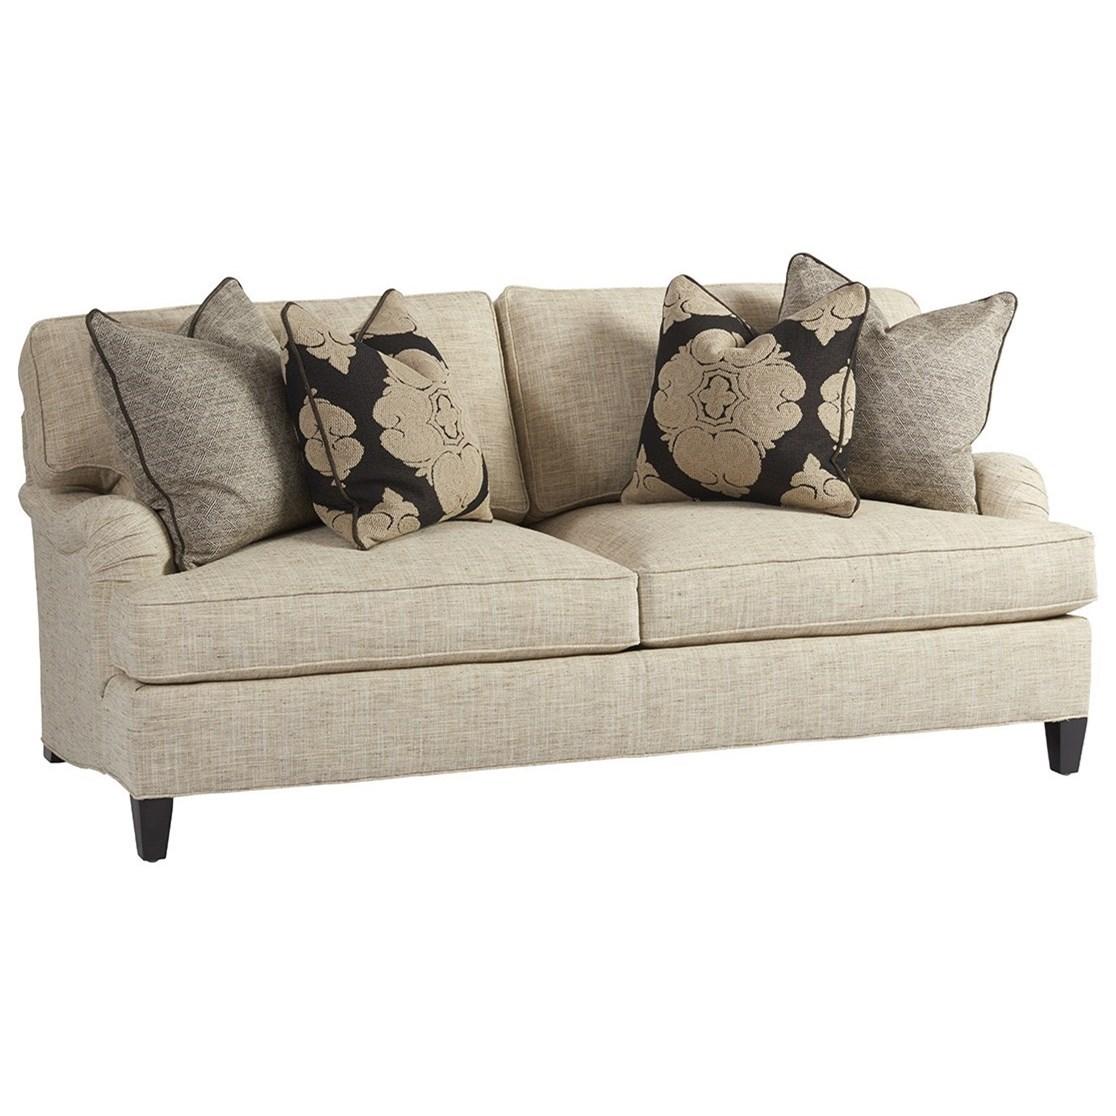 Barclay Butera Upholstery Grady Sofa by Barclay Butera at Baer's Furniture